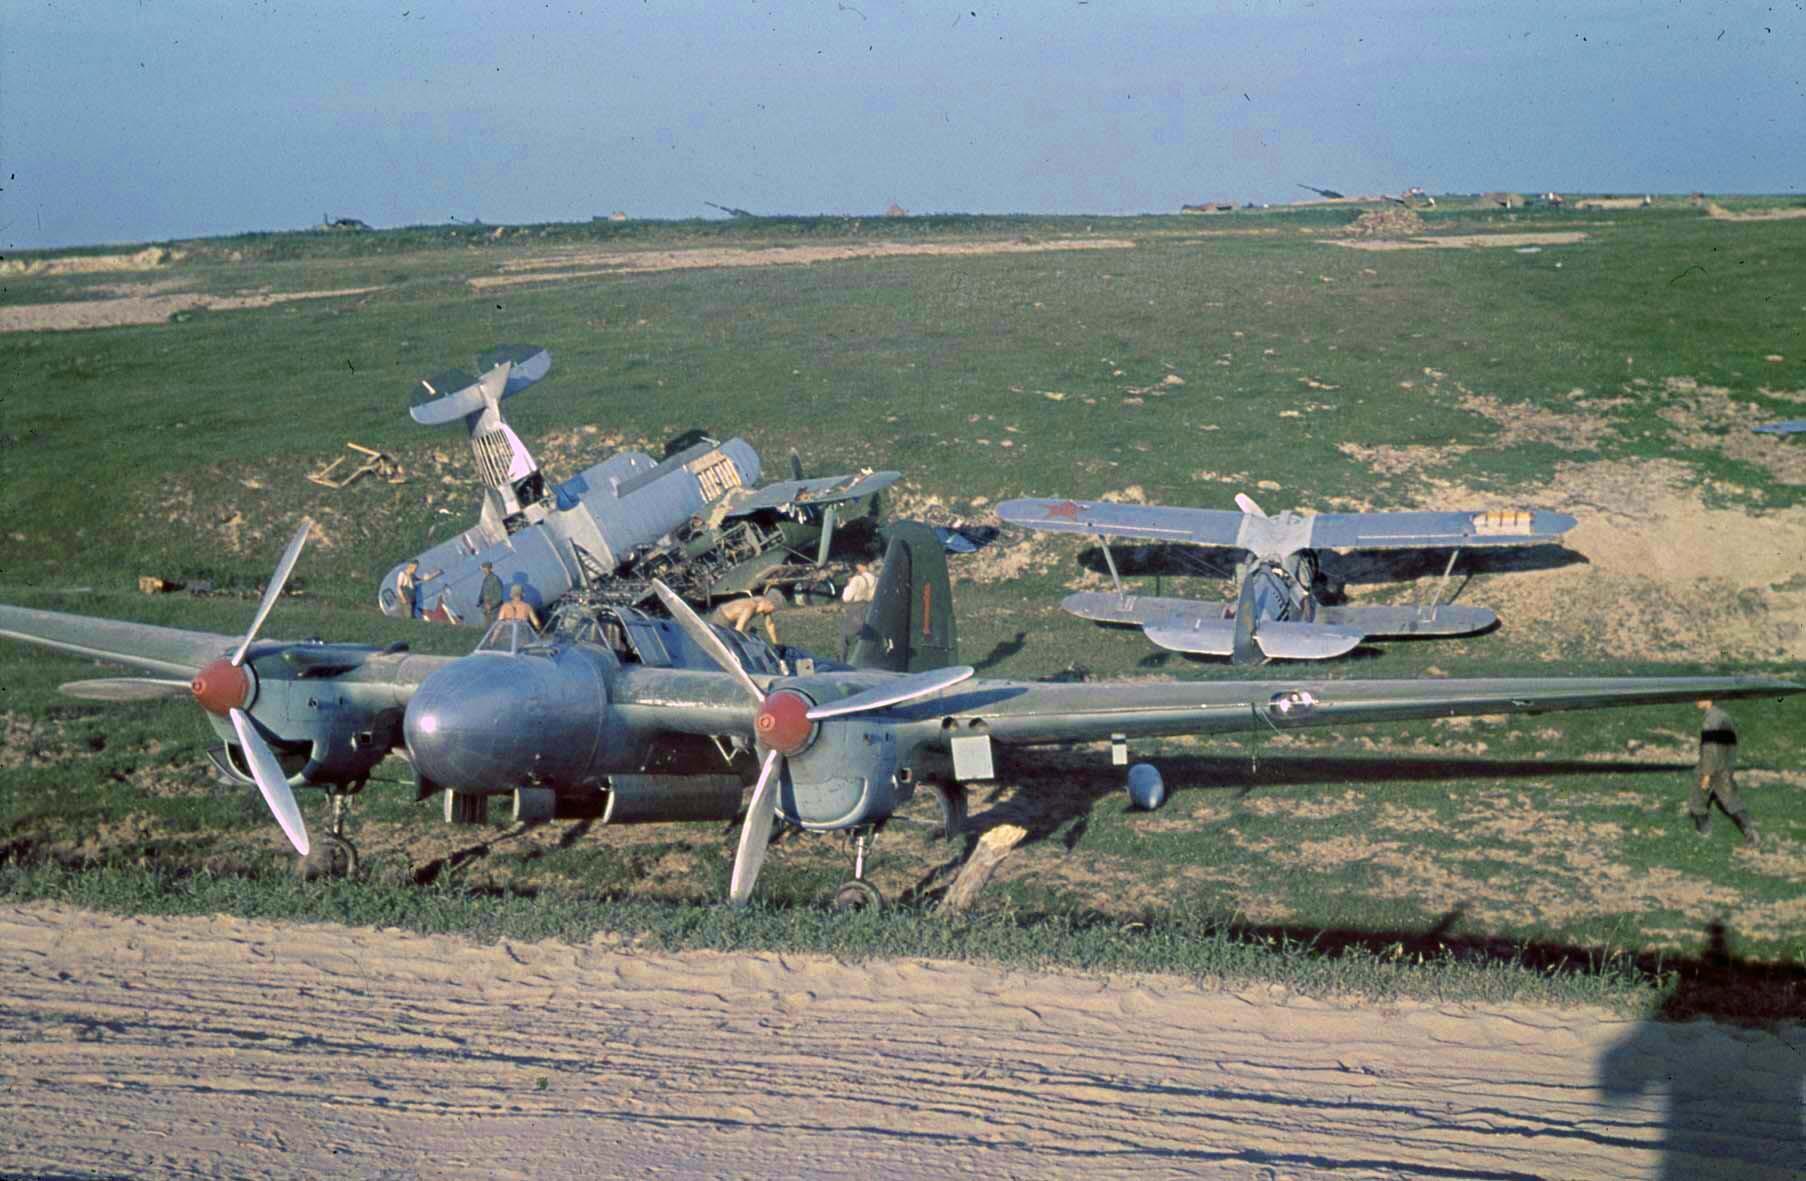 1941 Zerstörte sowjetische Flugzeuge, bei Minsk, 10. Juli 1941f